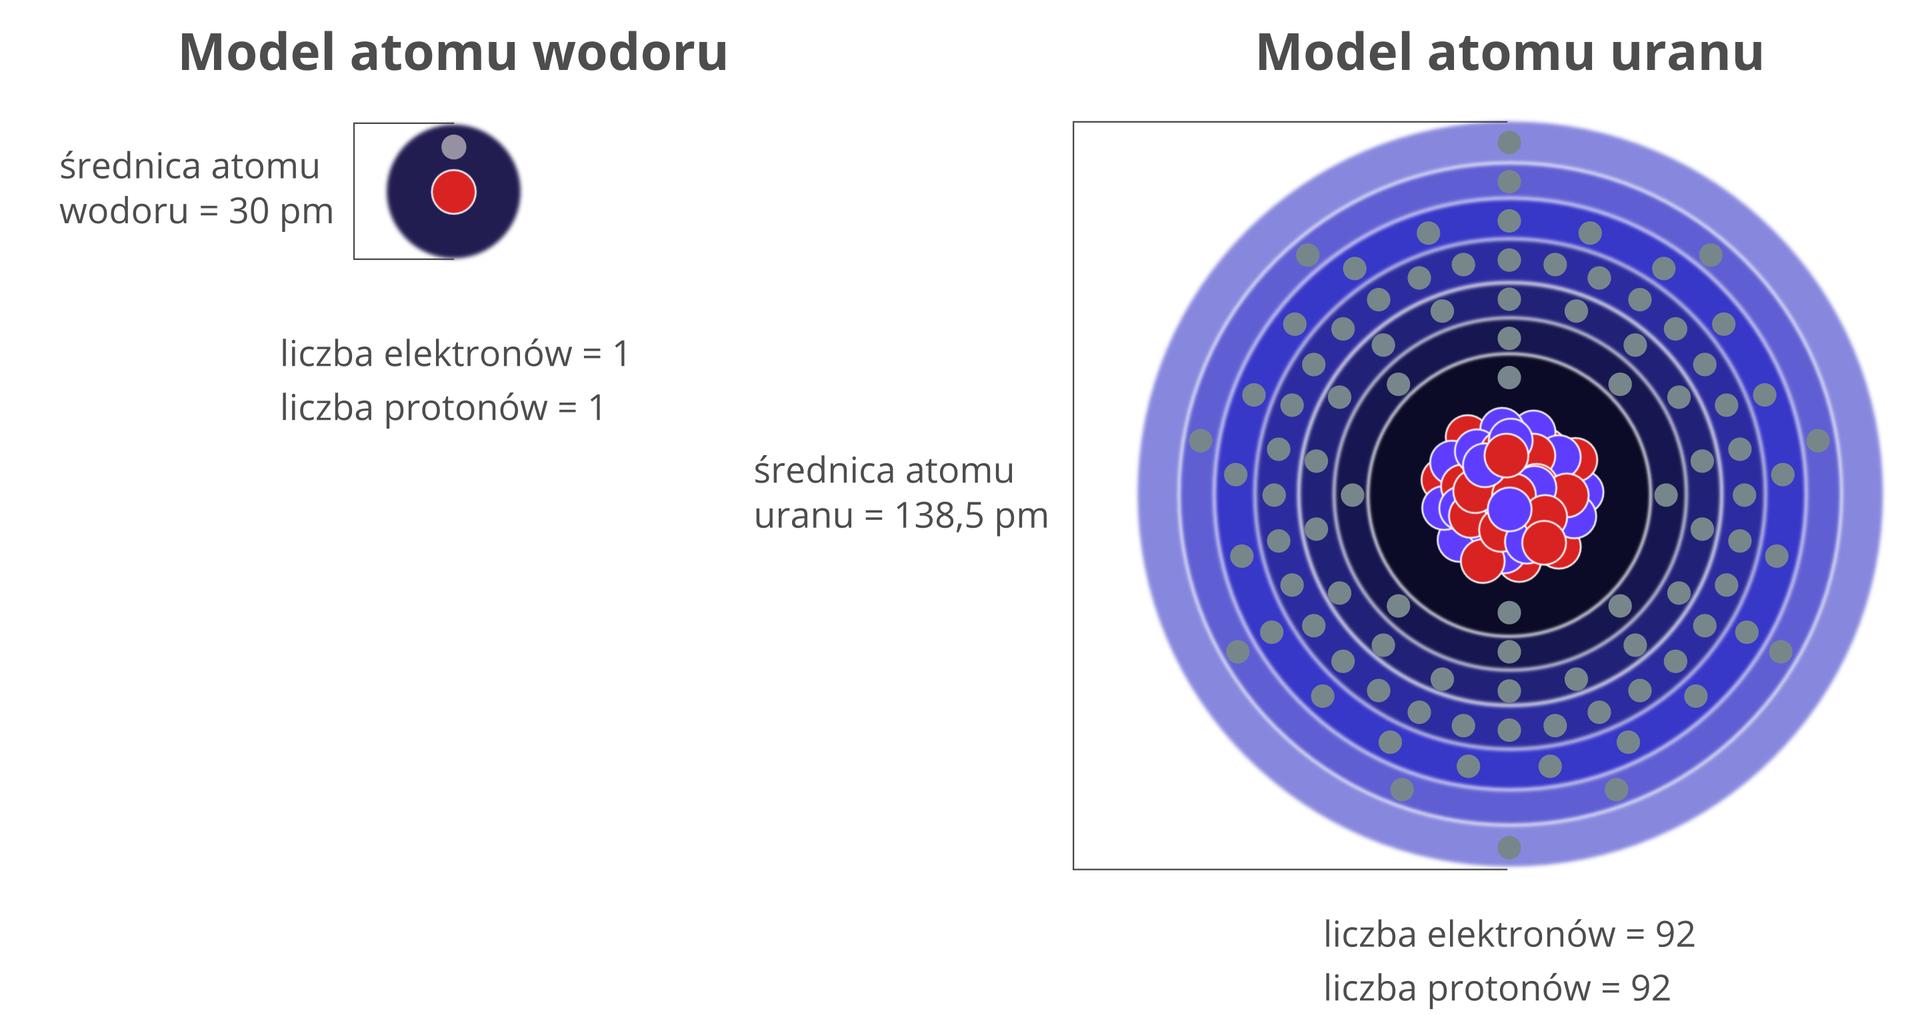 Ilustracja przedstawia rysunki schematów atomów wodoru zlewej strony iatomów uranu zprawej strony. Są to odpowiednio najmniejszy inajwiększy atom występujący na Ziemi naturalnie. Model atomu wodoru składa się zjądra zawierającego jeden proton wpostaci czerwonego koła ijednej powłoki elektronowej zjednym elektronem. Obok widnieją dane liczbowe: średnica 60 pikometrów, liczba elektronów 1, liczba protonów 1. Model atomu uranu składa się zjądra zawierającego 92 protony oraz pewną nieokreśloną bliżej liczbę kulek niebieskich, czyli neutronów. Dookoła jądra zaznaczonych jest 7 powłok elektronowych złącznie 92 elektronami. Obok widnieją dane liczbowe: średnica 276 pikometrów, liczba elektronów 92, liczba protonów 92.